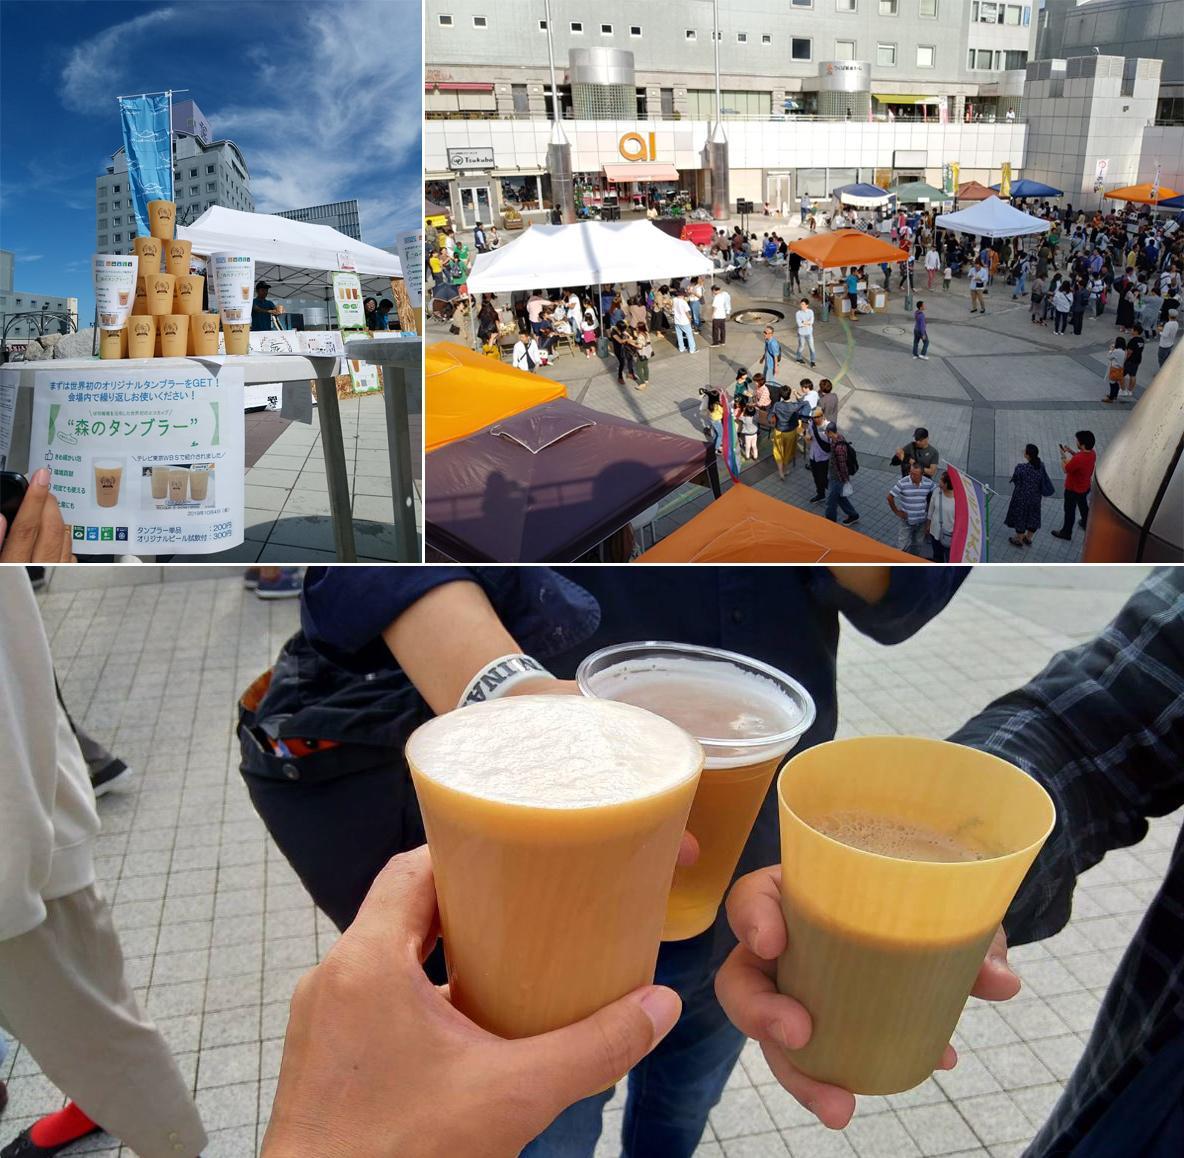 Photo: Scenes from the Tsukuba Craft Beer Fest 2019